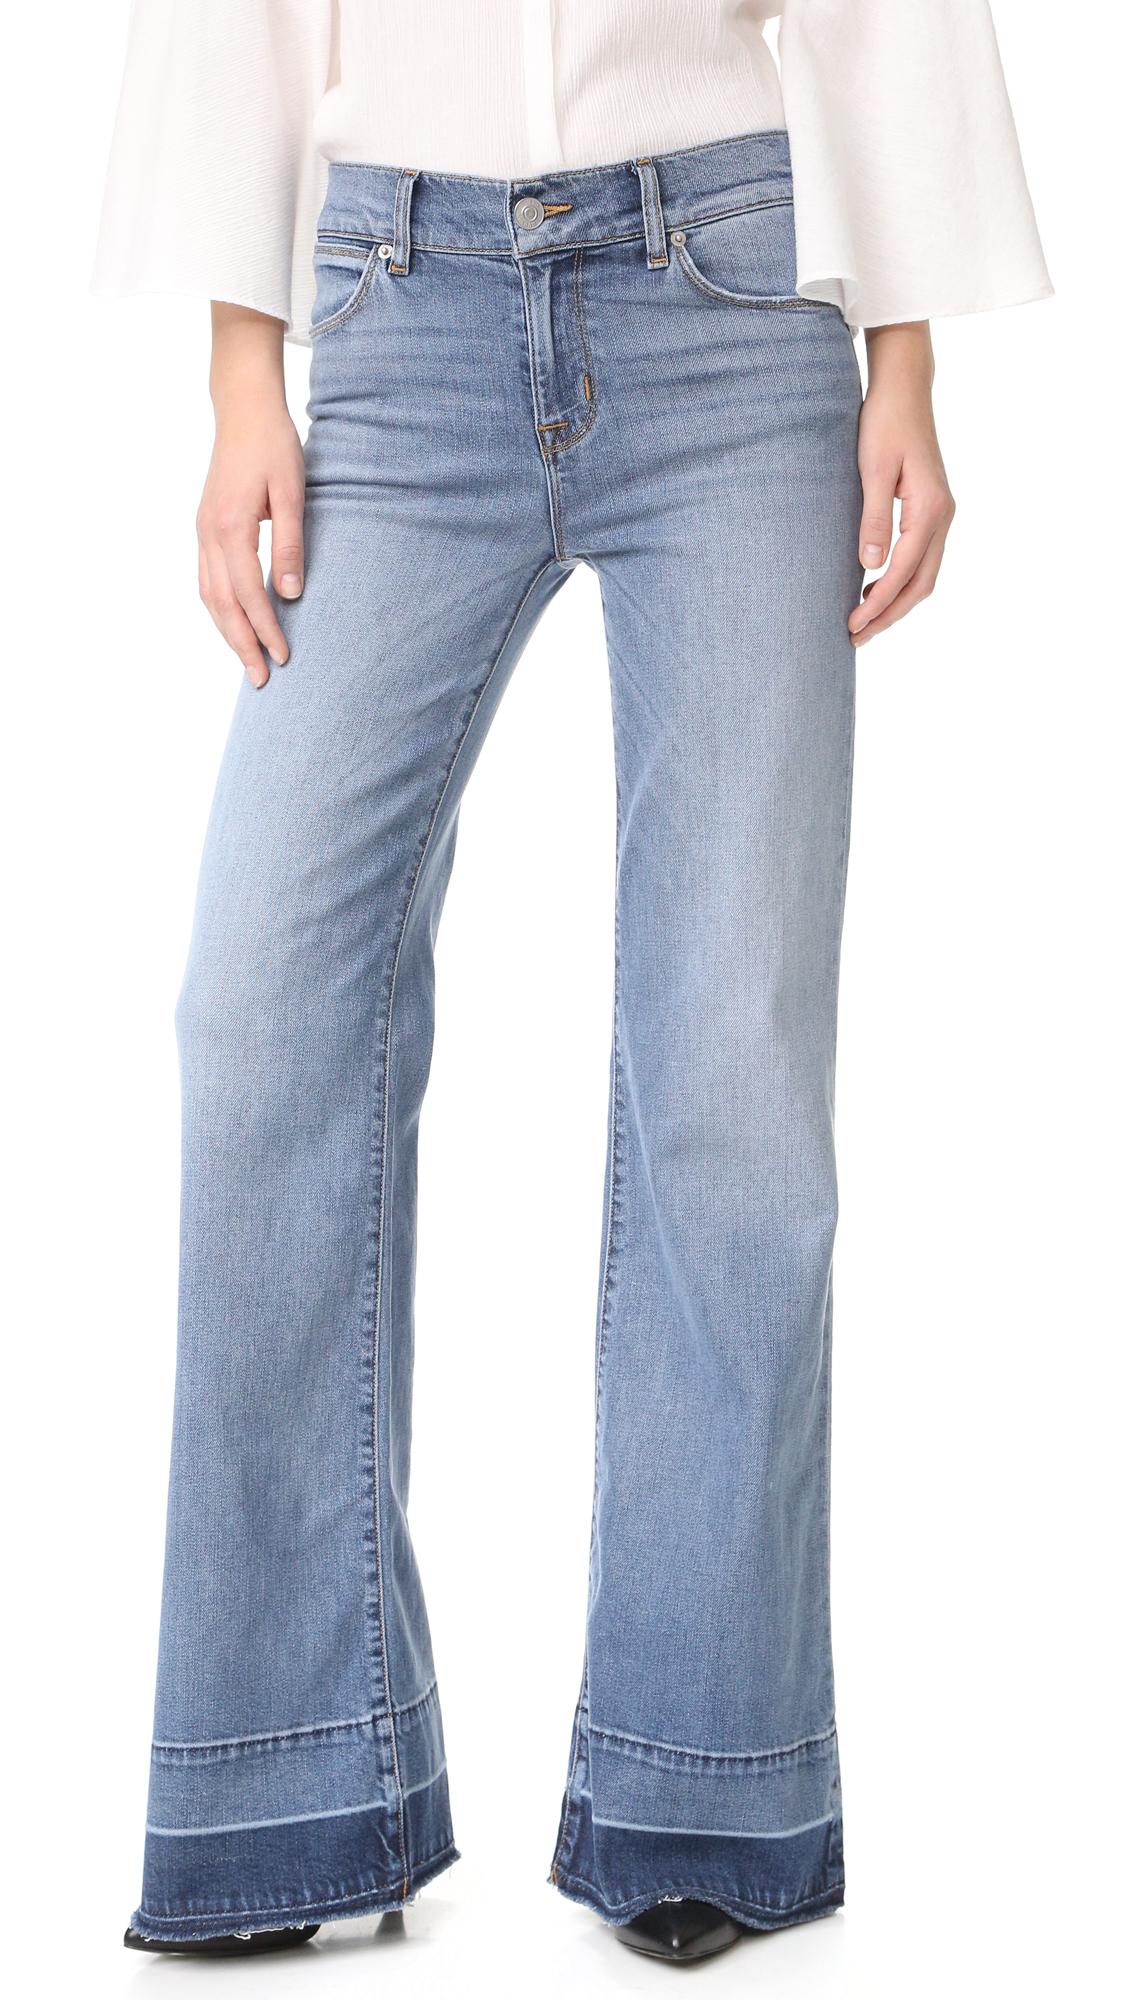 Hudson Dani Wide Leg Released Hem Jeans - Haymaker at Shopbop